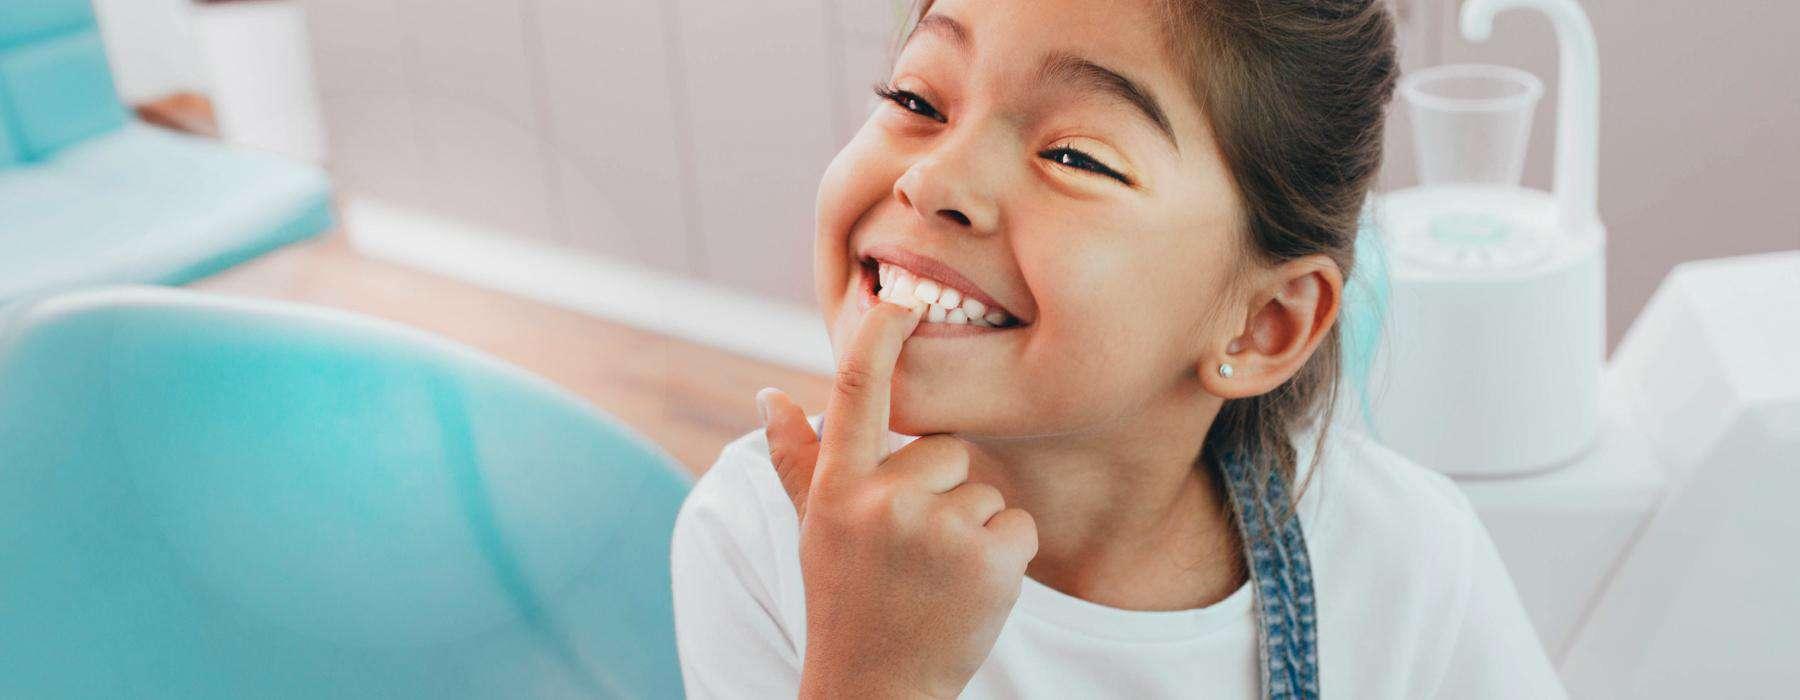 Ortodontia os benefícios